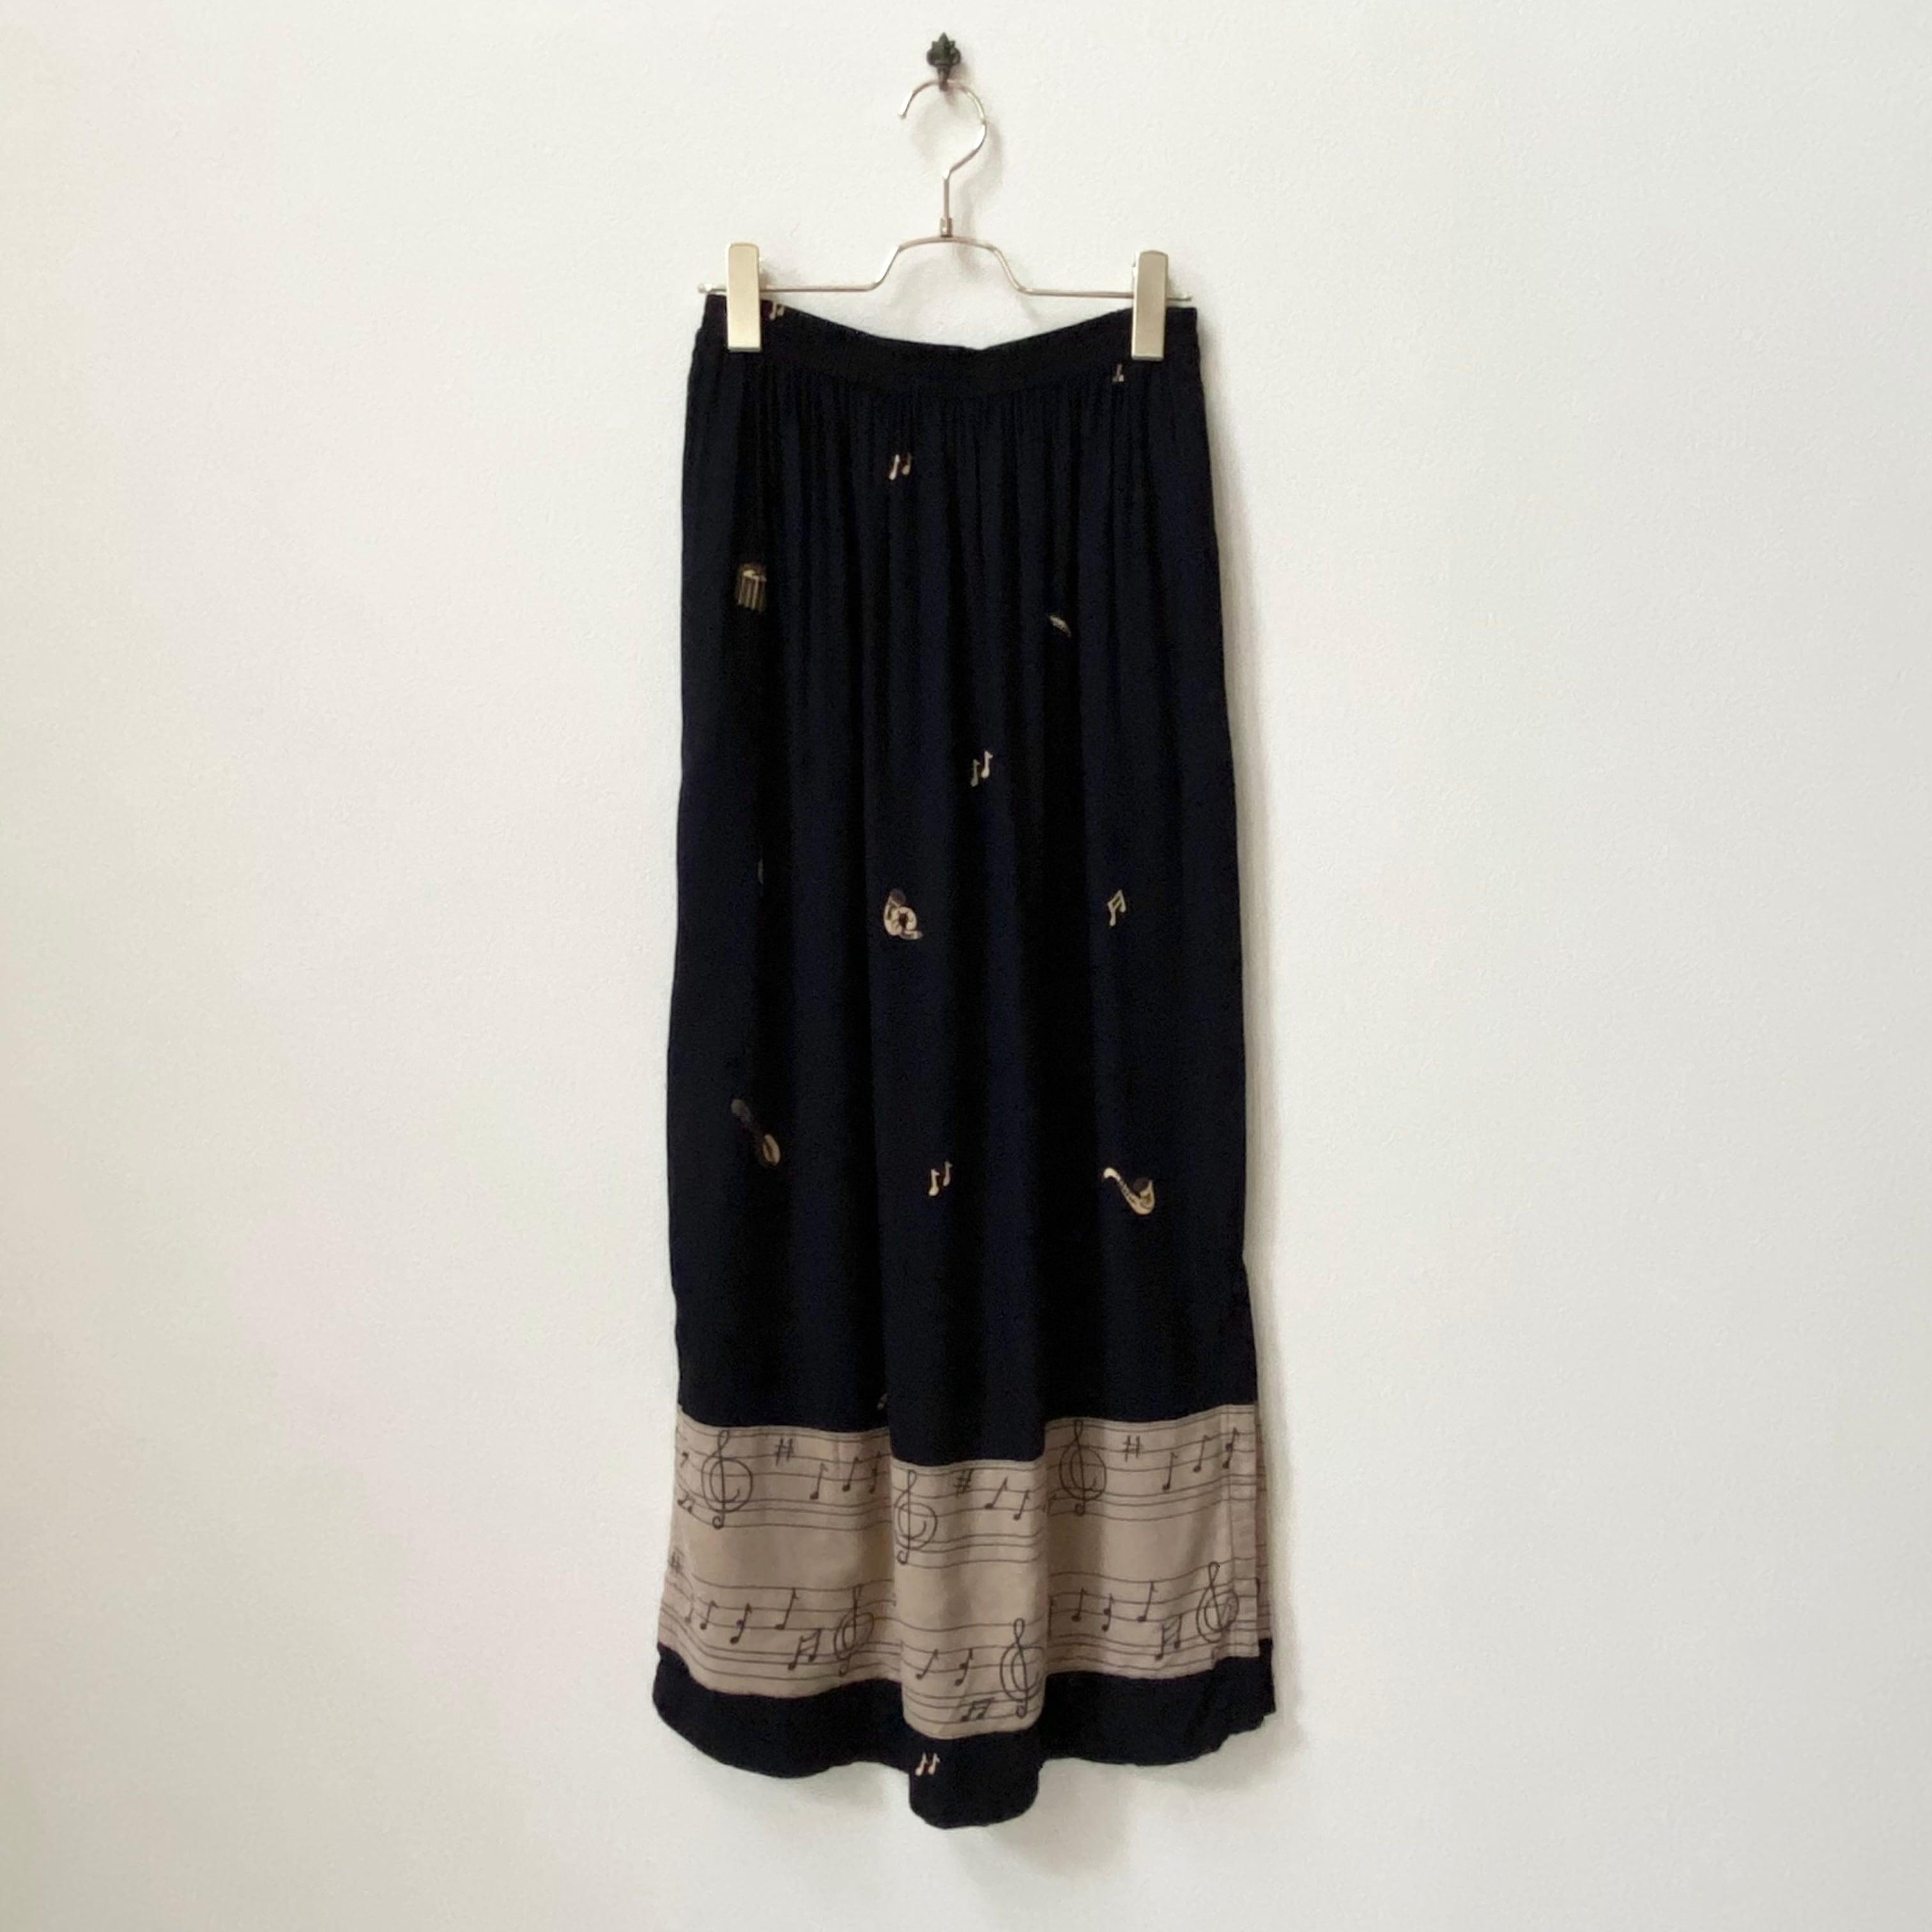 レディース ASIAN CREATIONS ギャザースカート ミュージックプリント アメリカ 古着 レーヨン ブラック 日本M